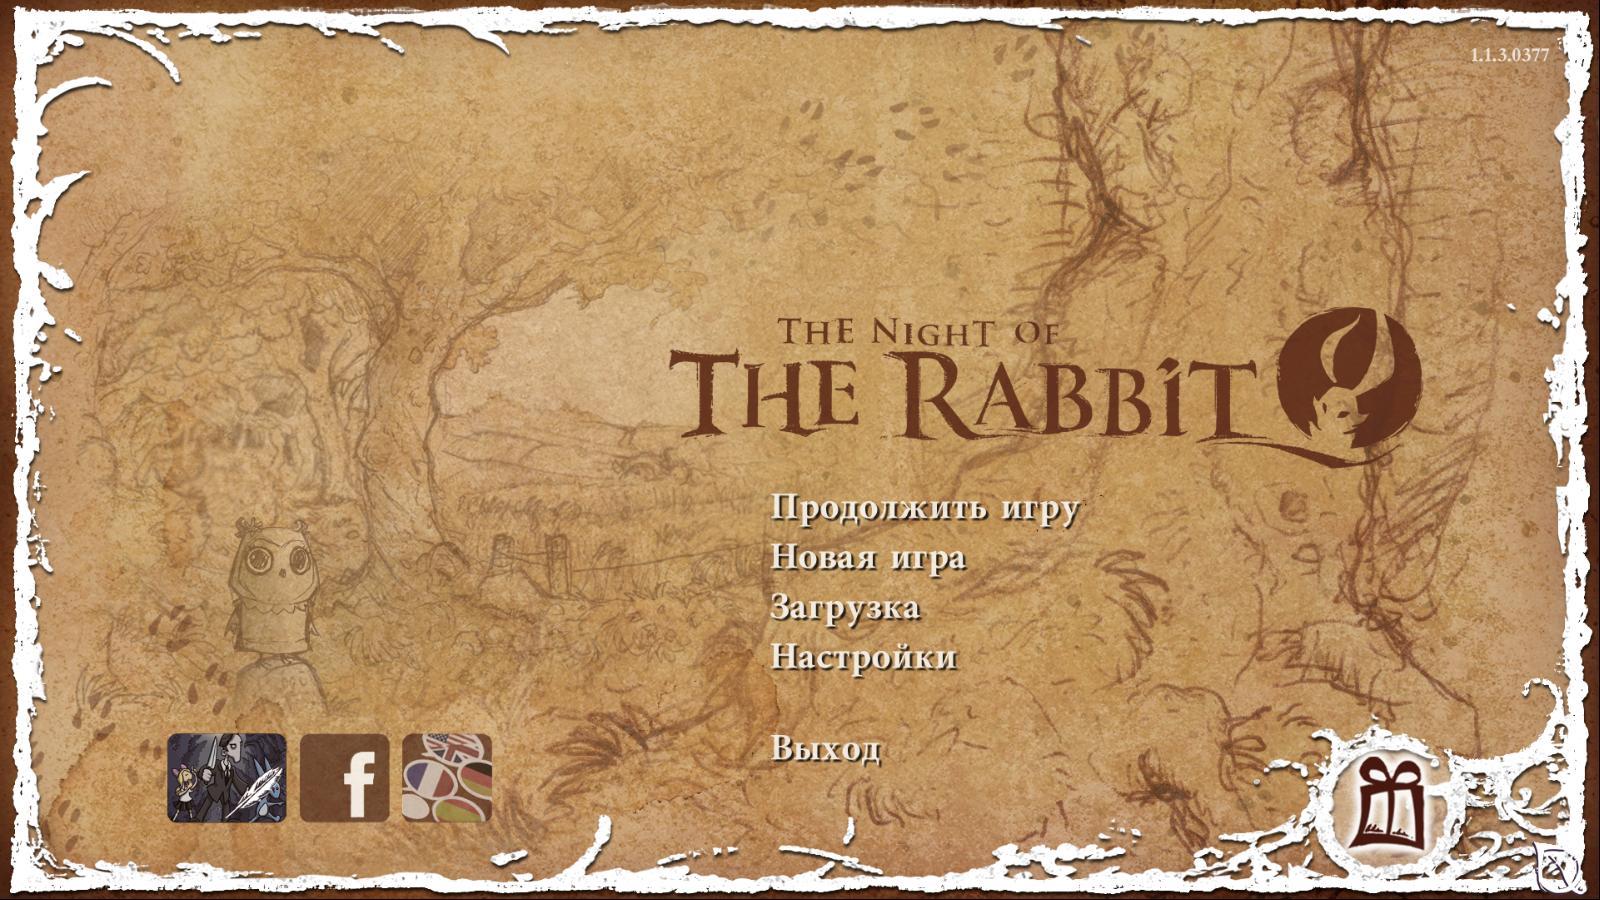 Странствия кролика в ночи | The Night of the Rabbit (Rus)